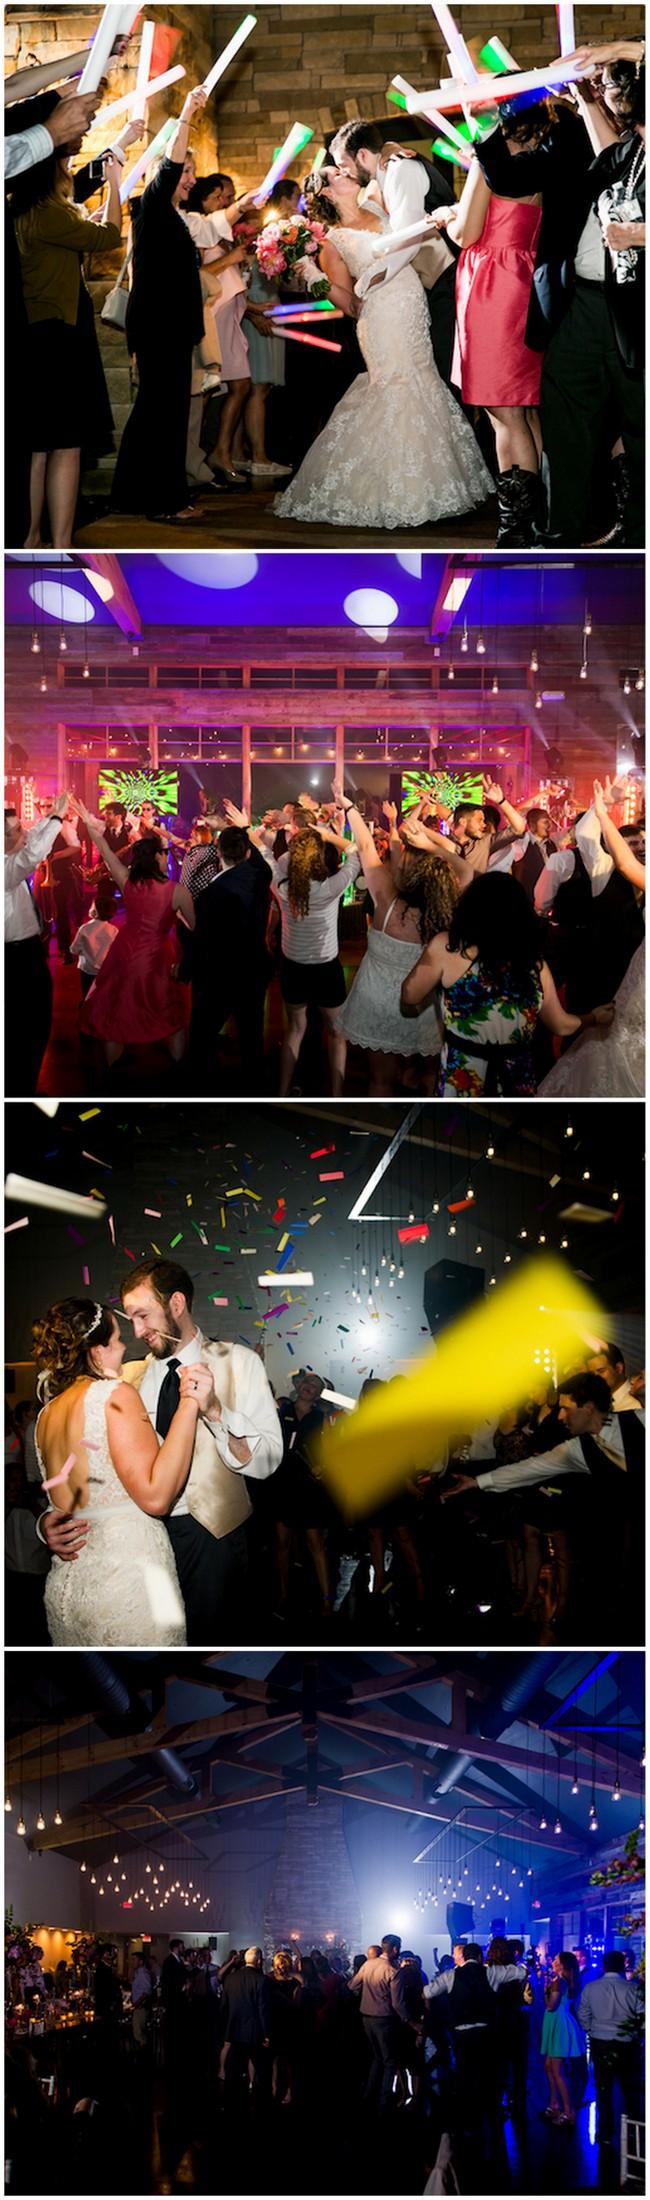 Glow stick wedding exit